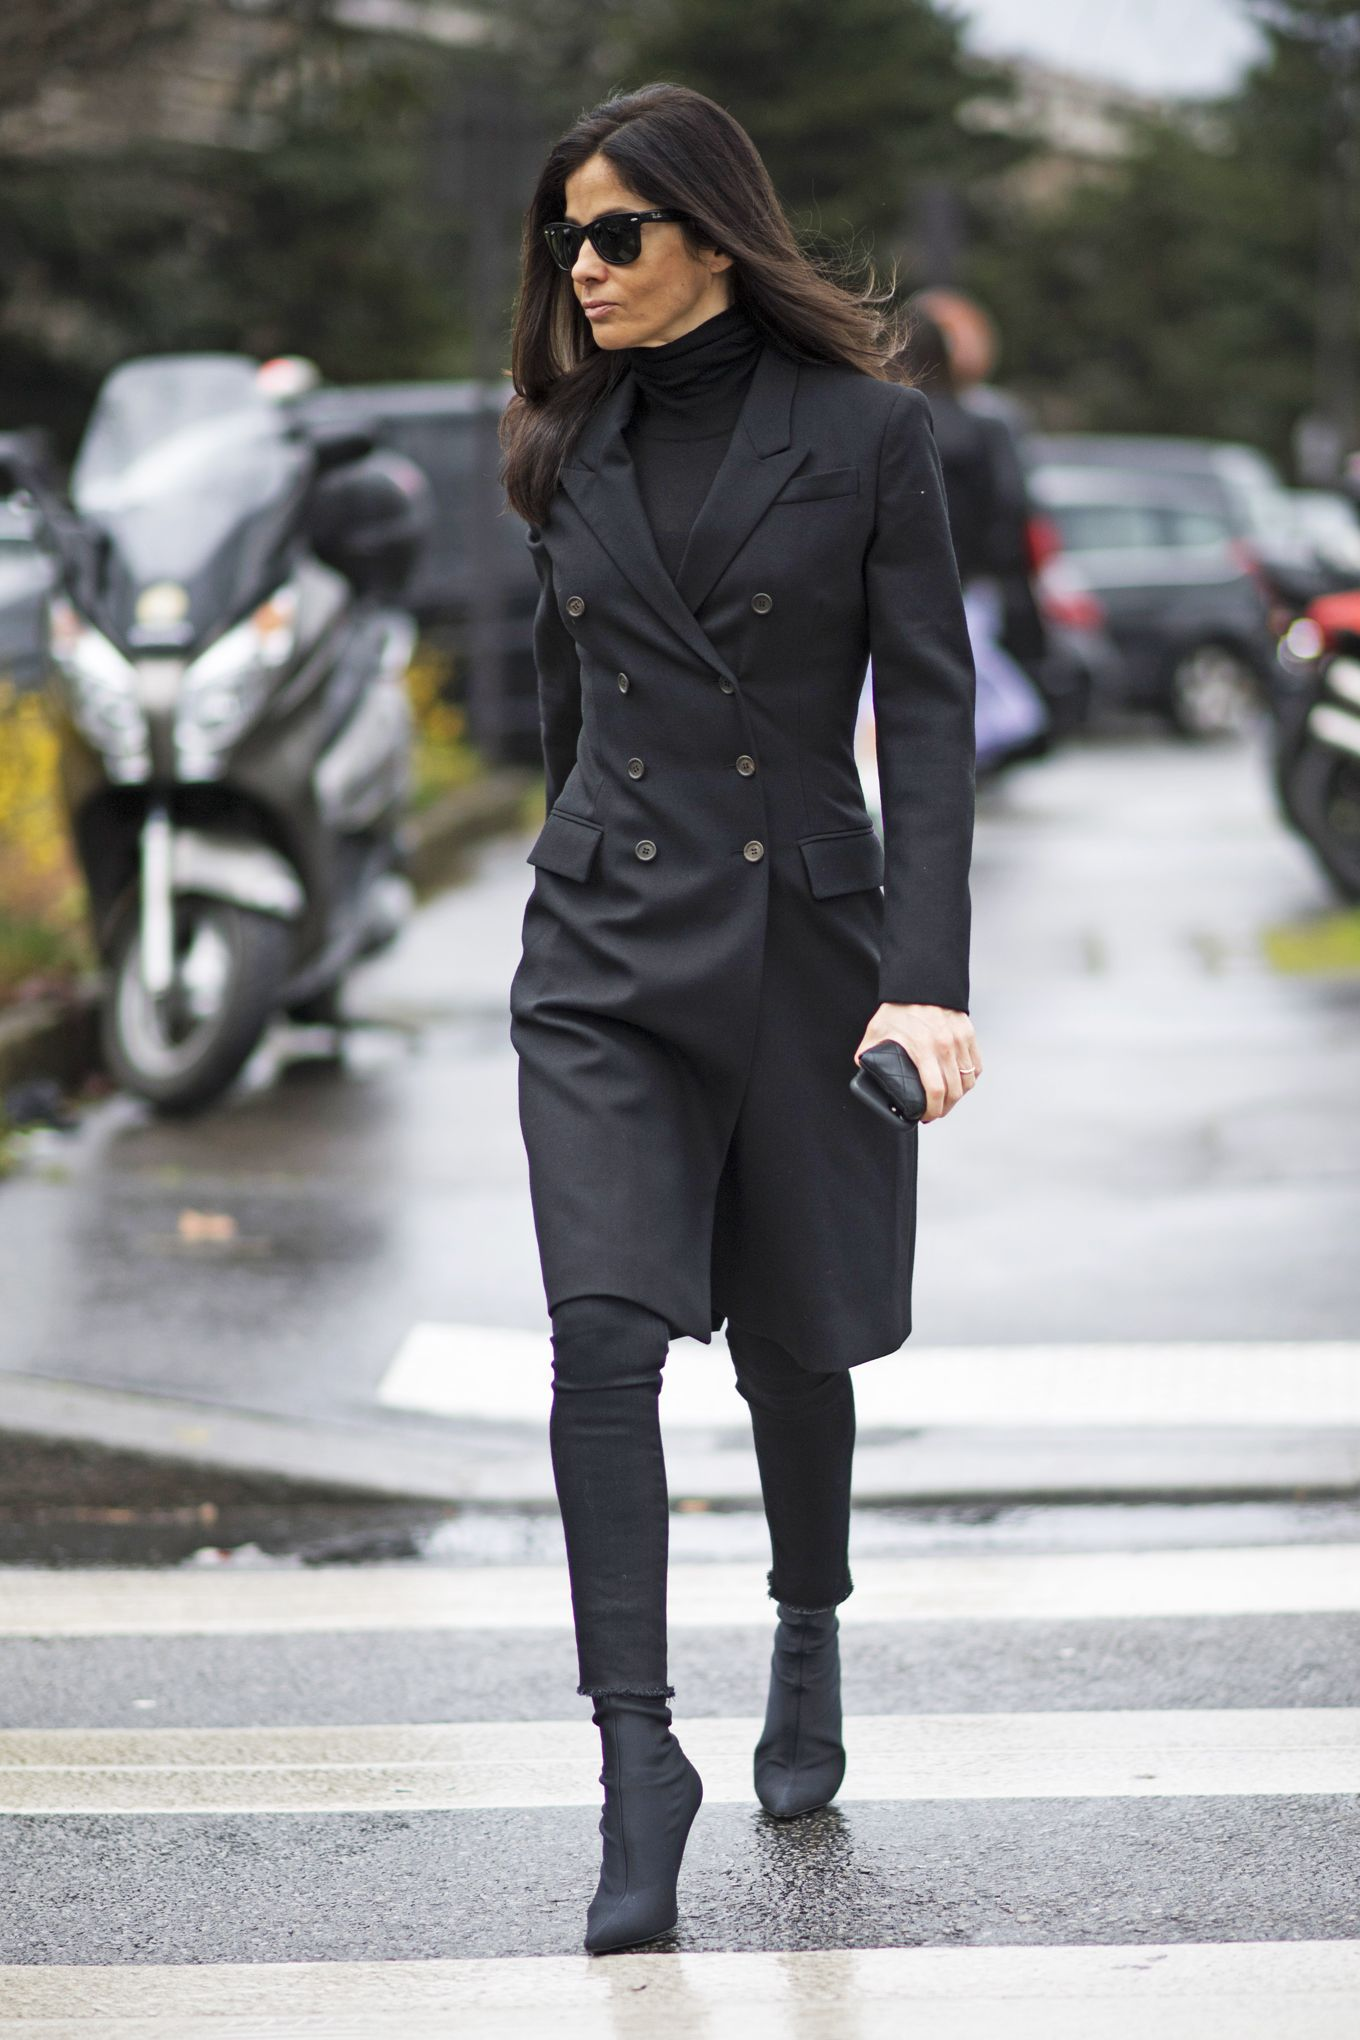 per sempre vestono milanesi motivi 16 le perchè nero di il capire si Ax5zwnqT